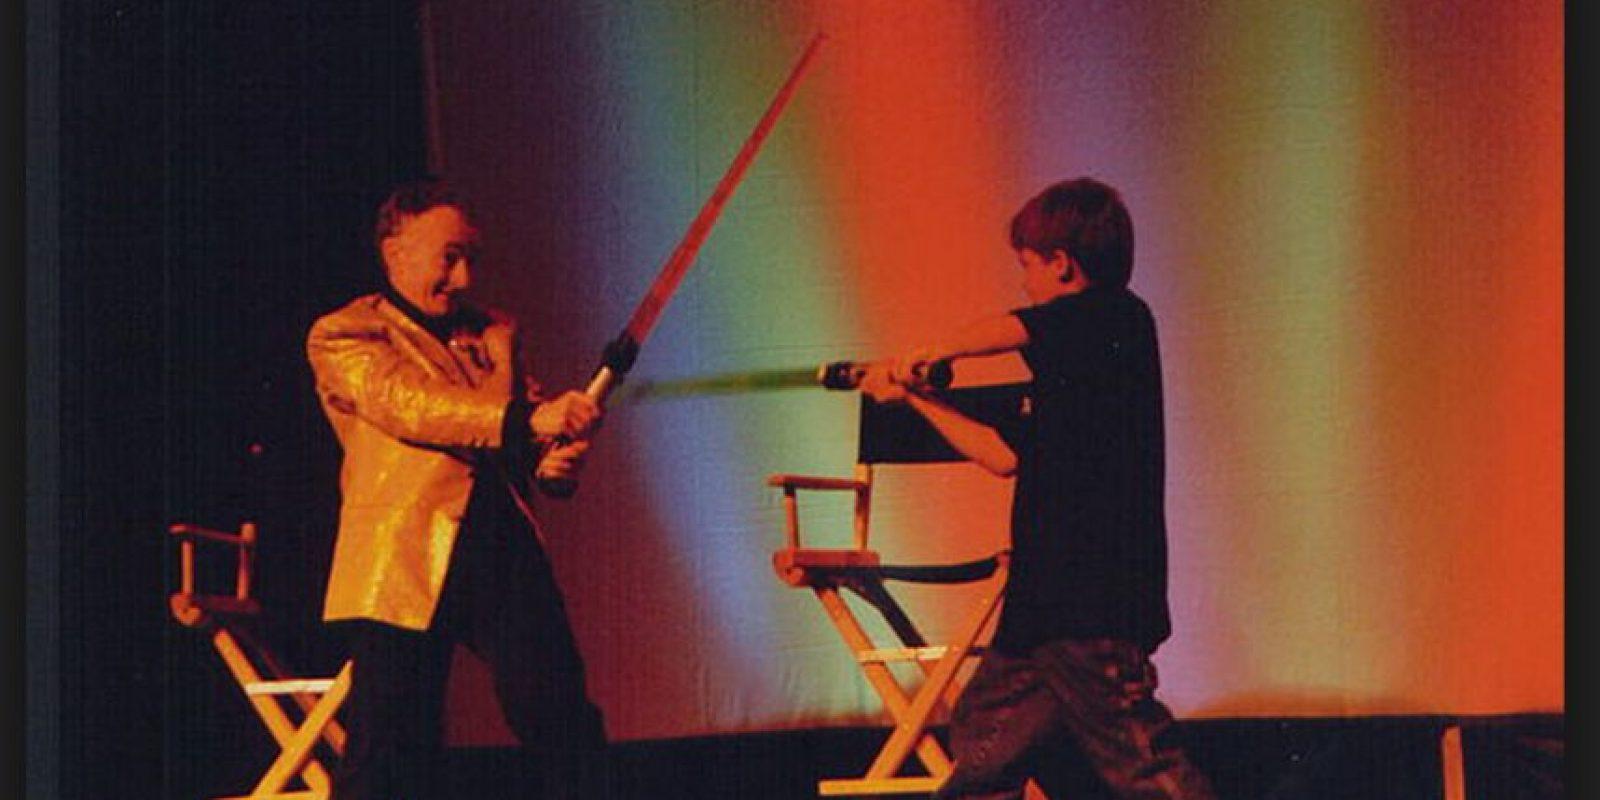 """En la película """"Un padre en apuros"""", interpreta al hijo del protagonista, obsesionado por obtener en Navidad una figura de acción de Turboman Foto:Wikicommons"""